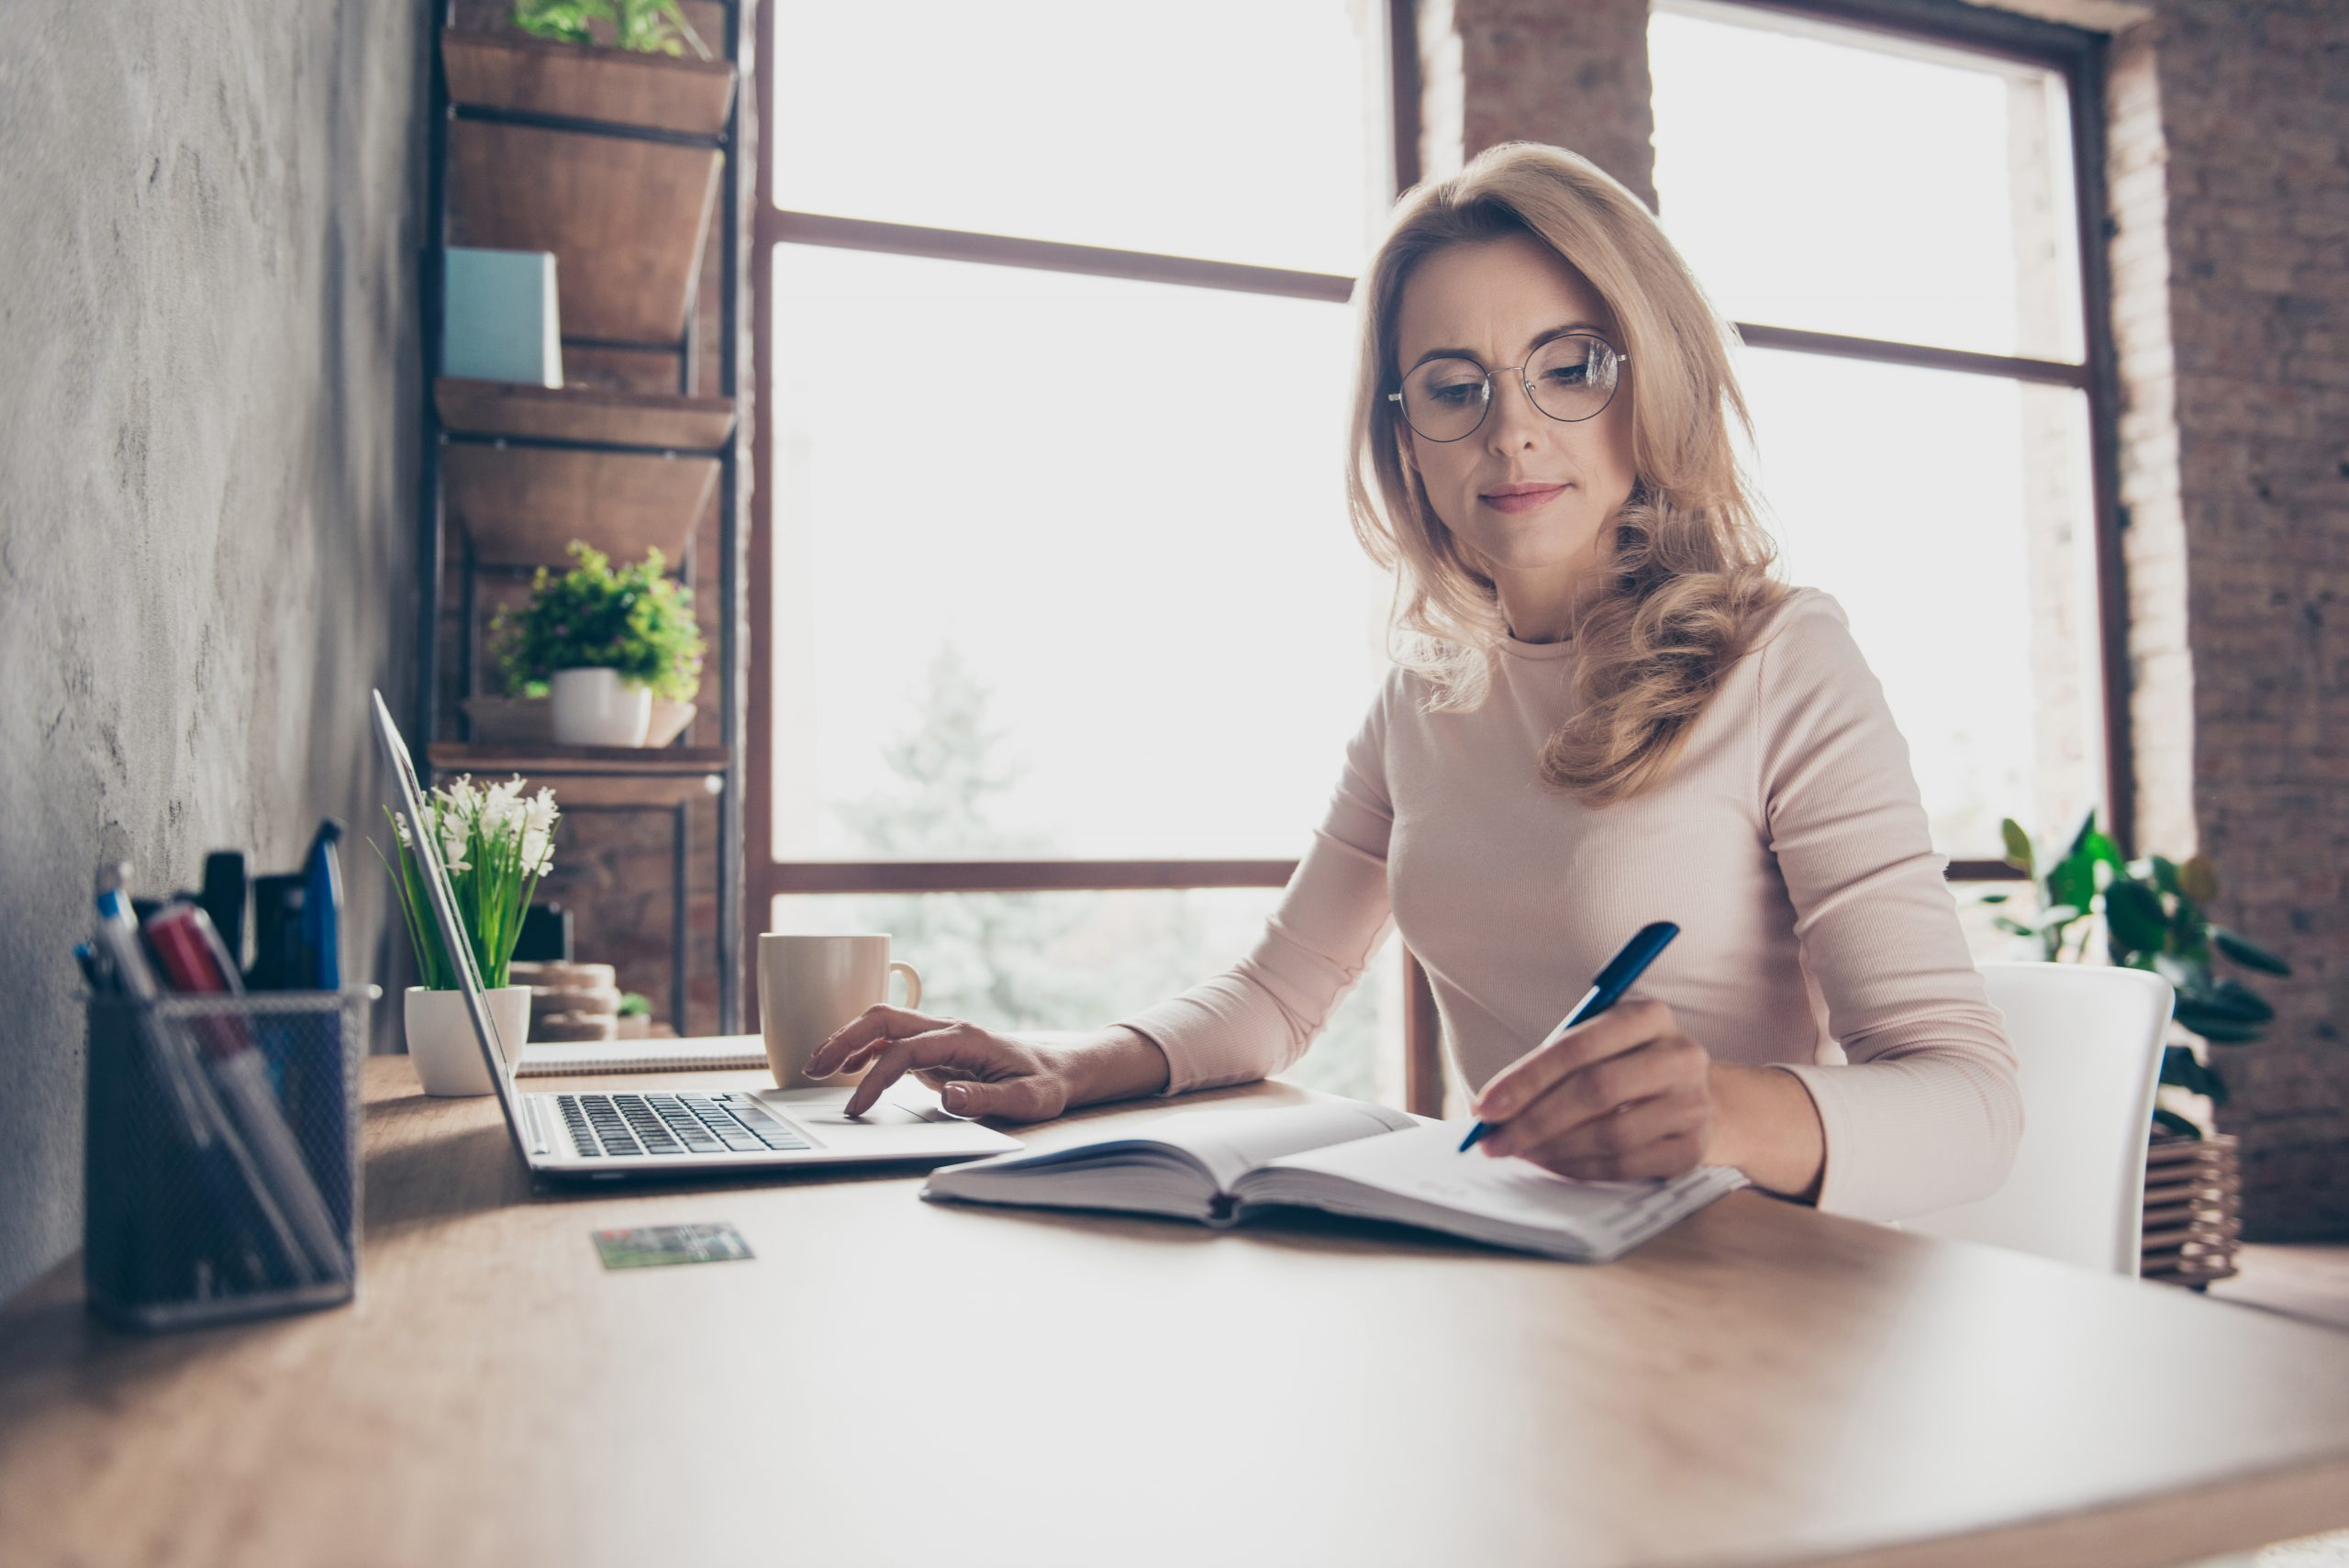 Businessfrau, die dank Iberogast® Advance ein besseres Wohlbefinden hat und nicht länger an Magen-Darm-Beschwerden leidet, arbeitet an ihrem Schreibtisch.